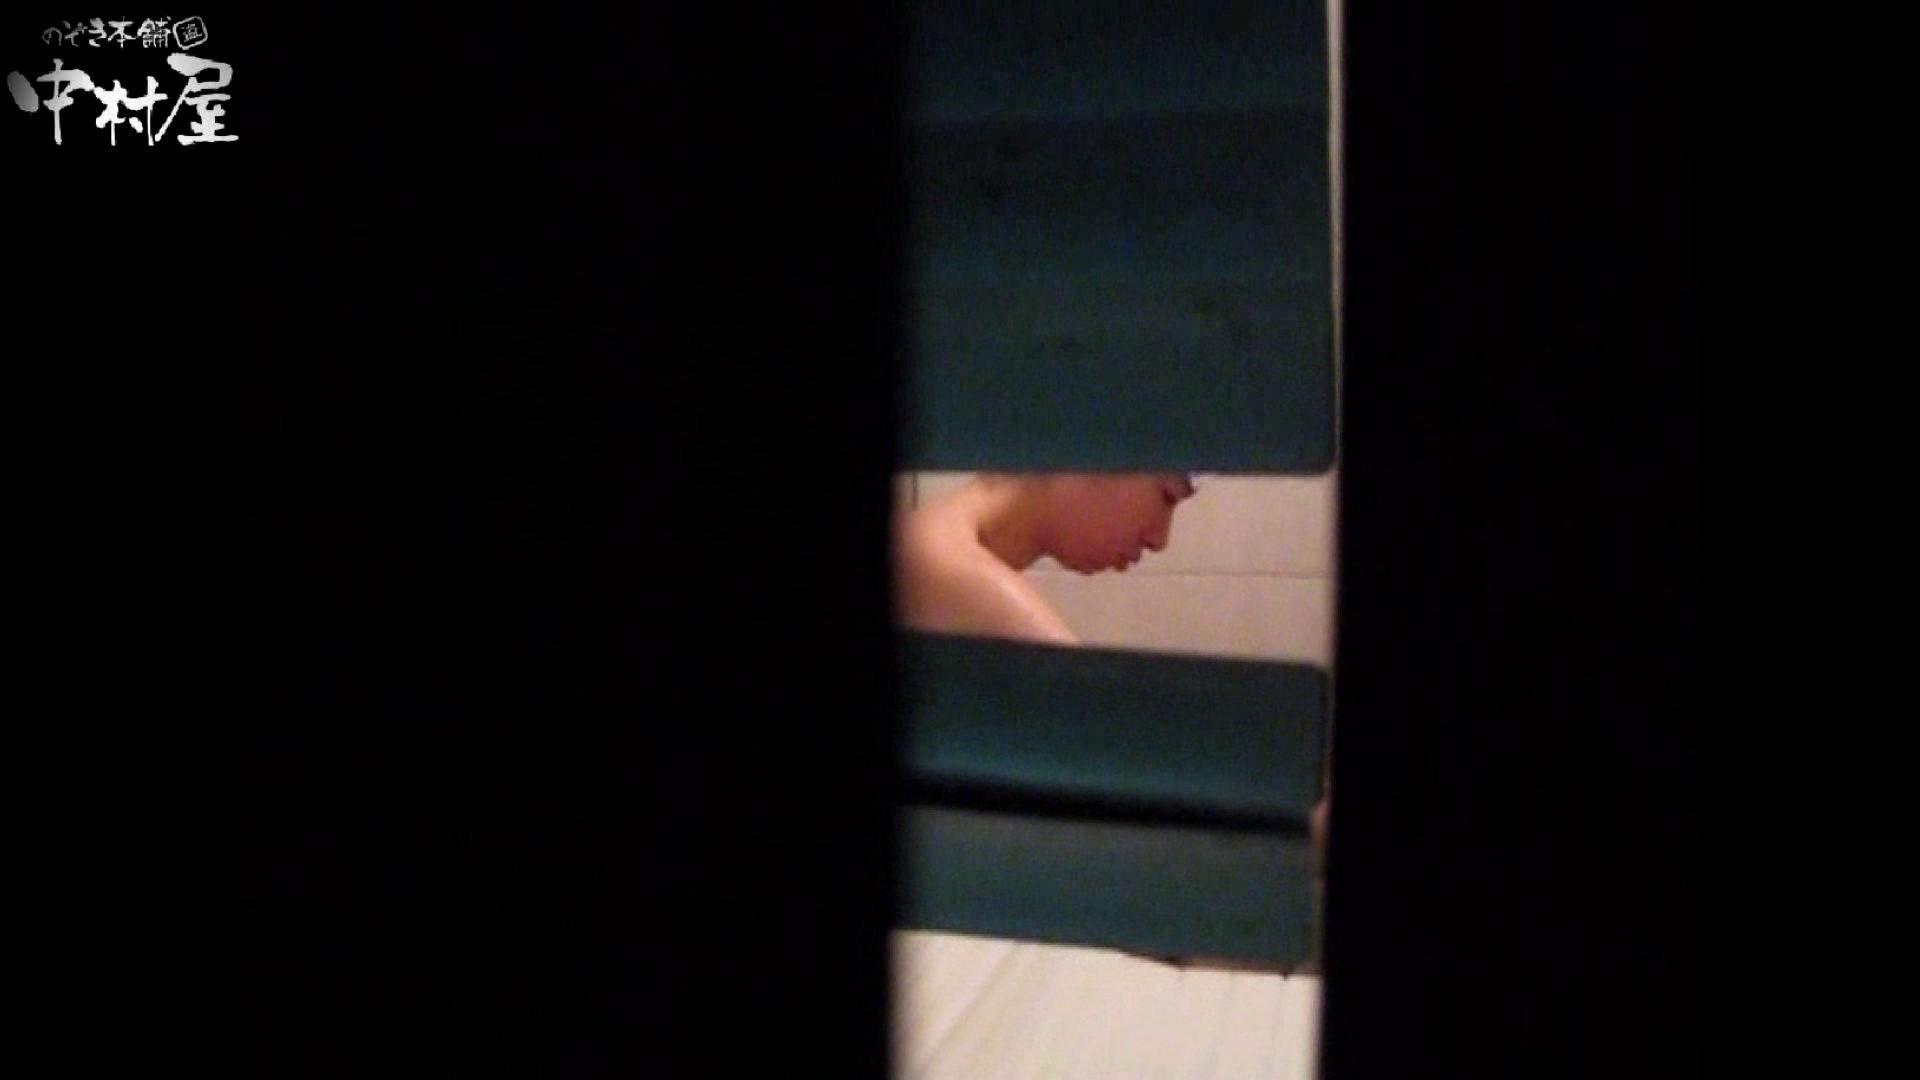 民家風呂専門盗撮師の超危険映像 vol.022 美女エロ画像 おめこ無修正動画無料 54PICs 9